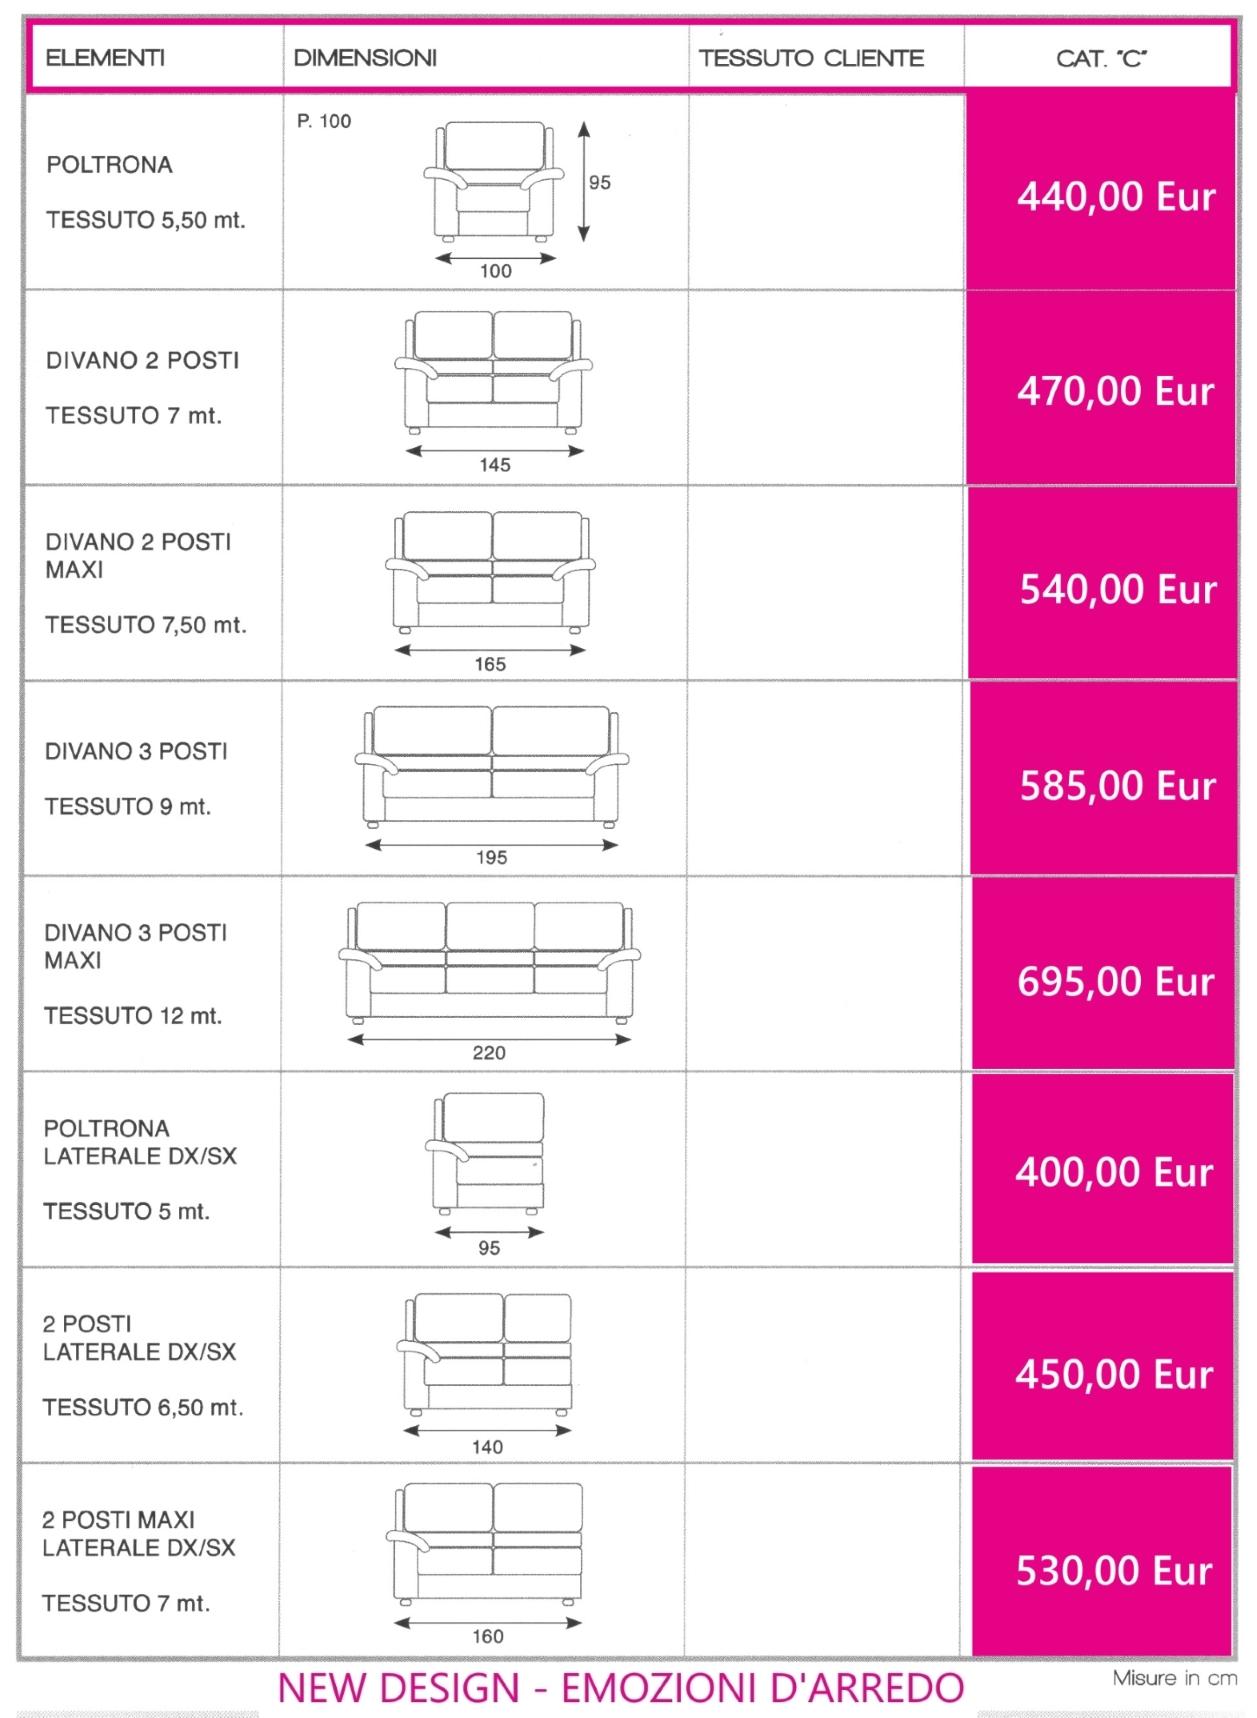 Divano maxim 3 posti con chaise longue divani a prezzi for Misure divani angolari 3 posti